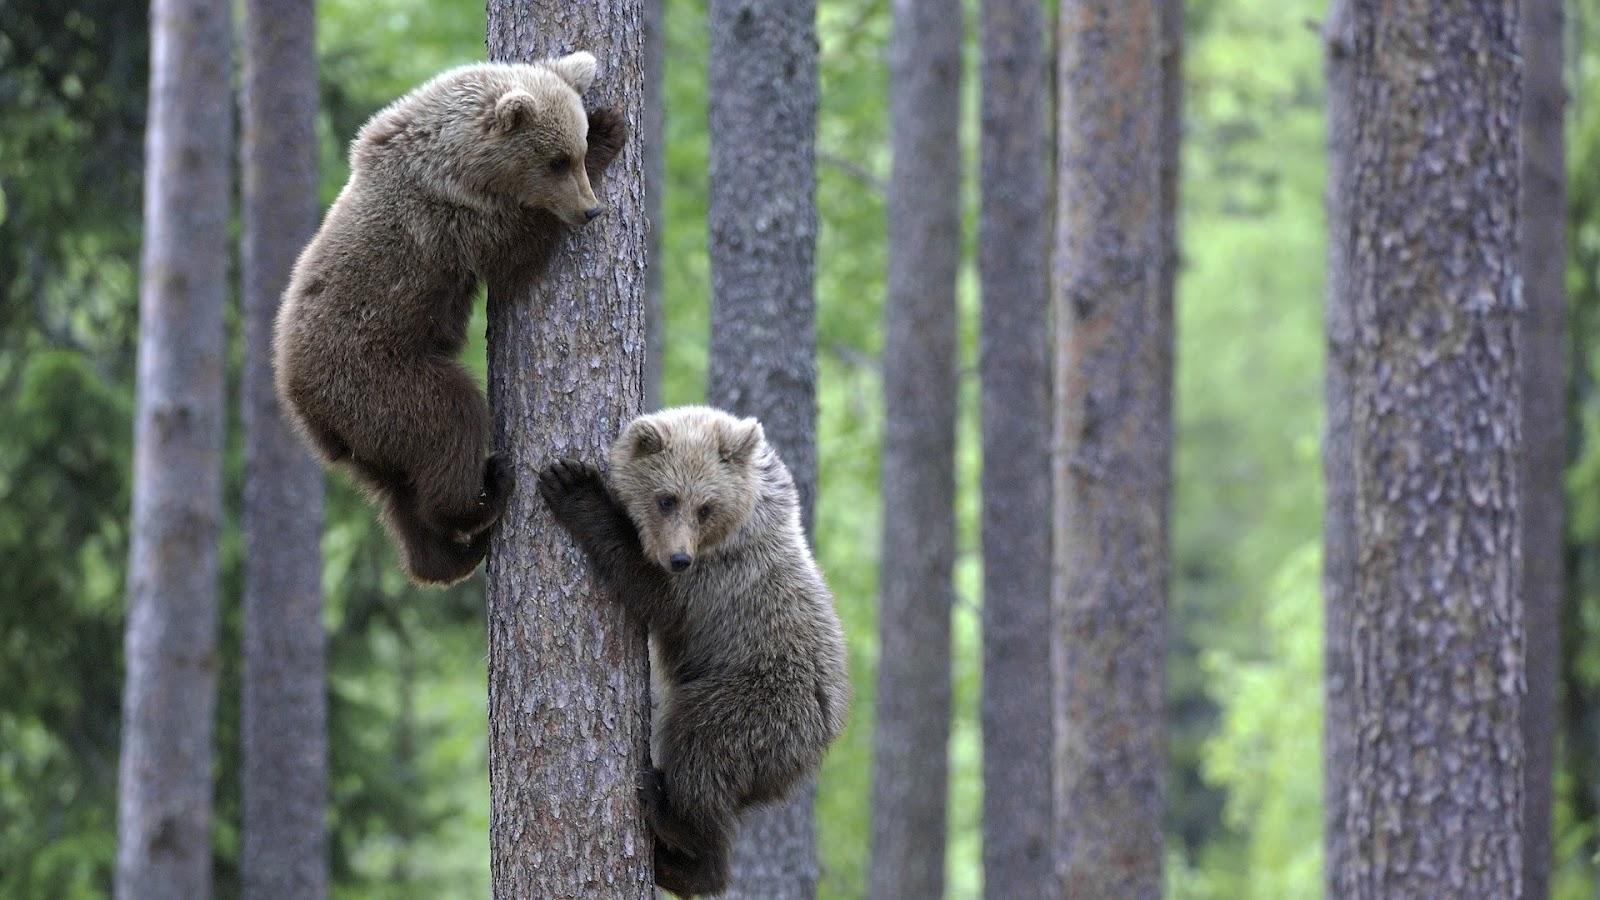 Bears climbing in a tree - All Best Desktop Wallpapers